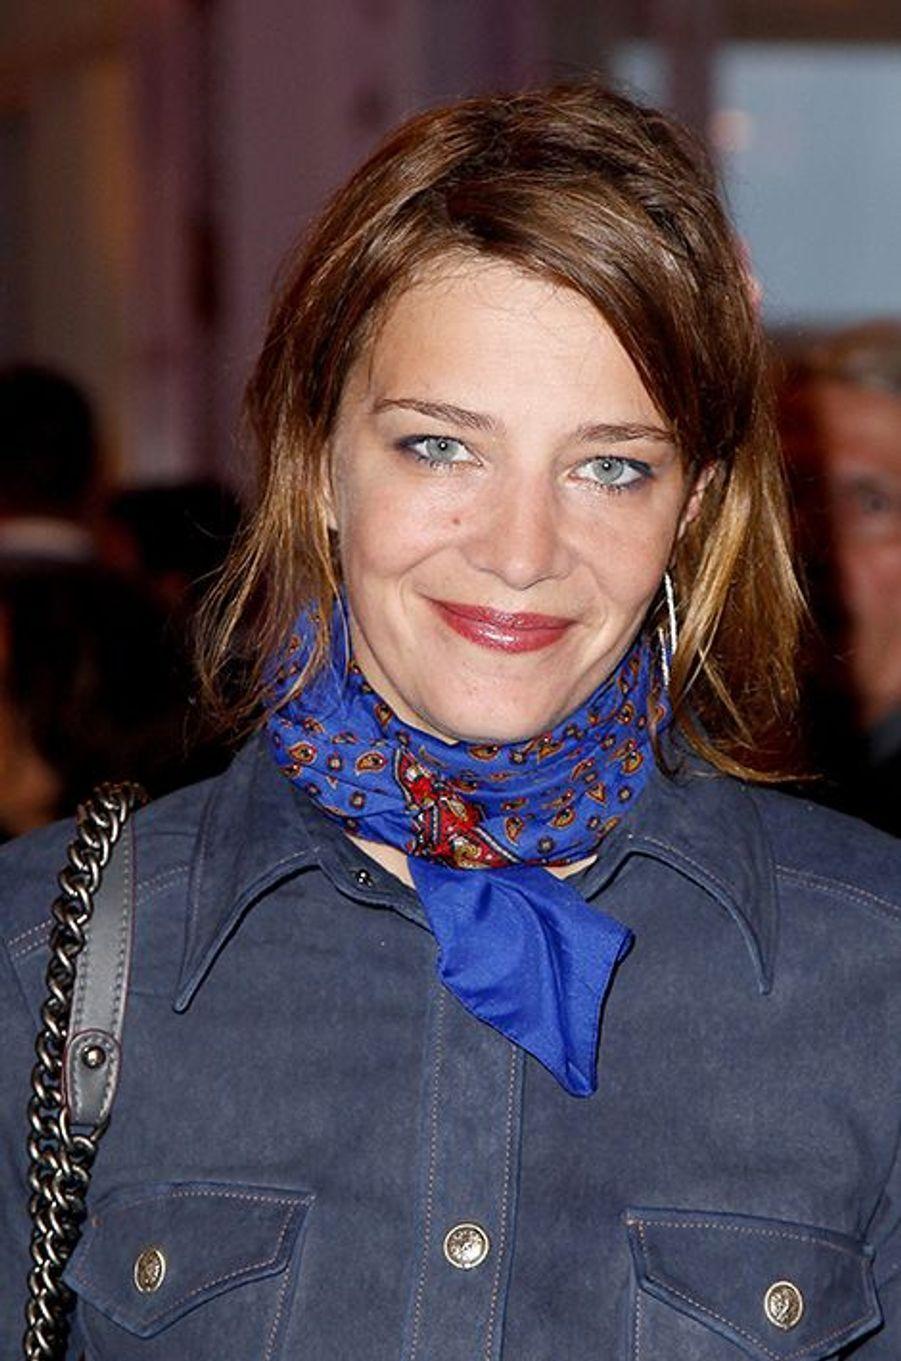 Céline Sallette à Cabourg le 11 juin 2015